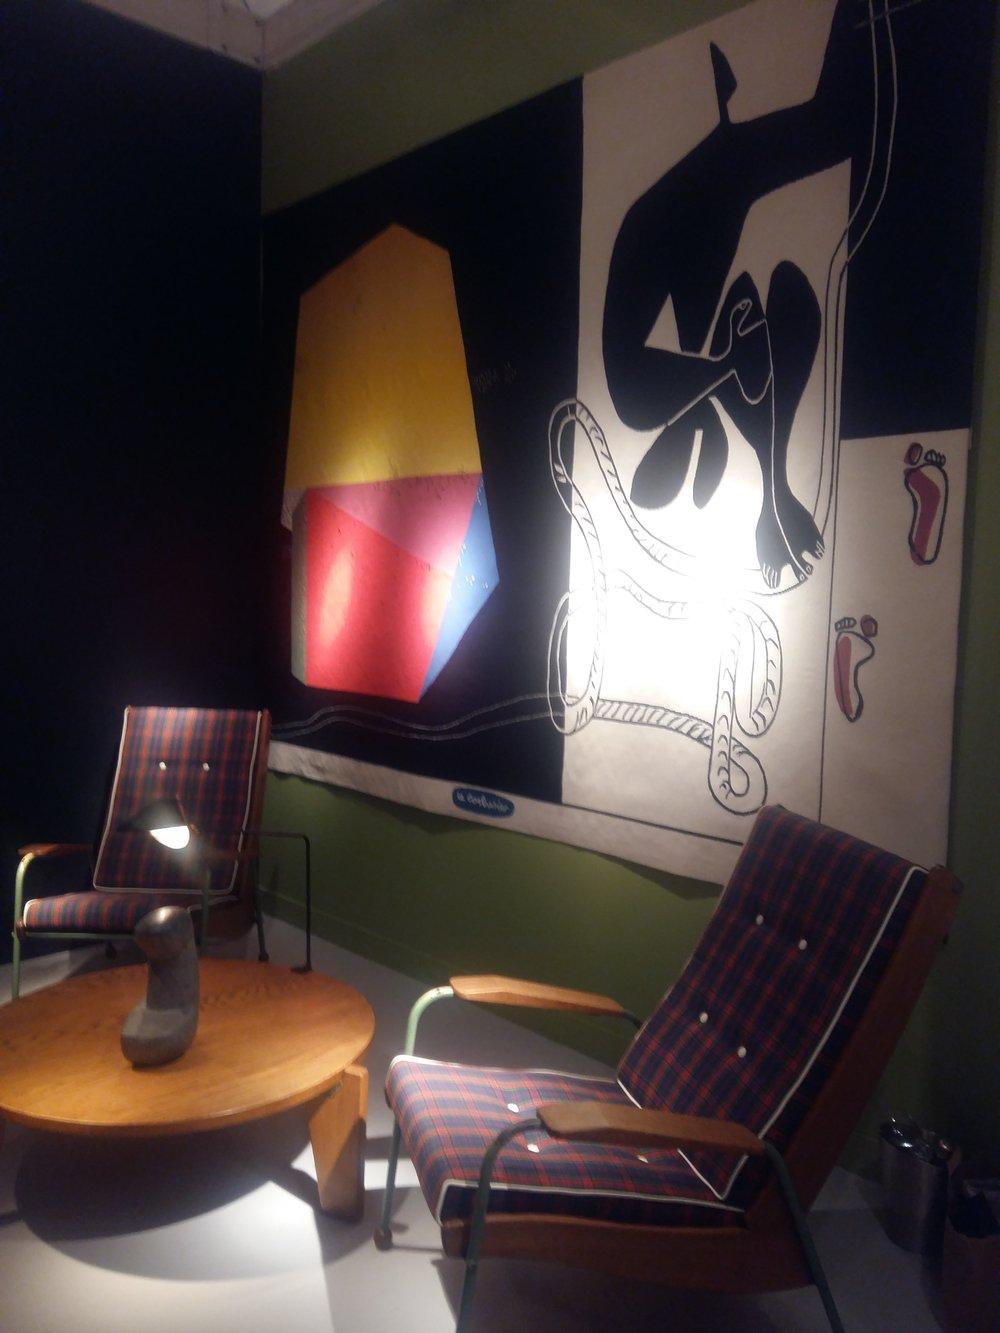 Stand de la galerie Downtown - Fauteuils Prouvé, tapisserie Le Corbusier